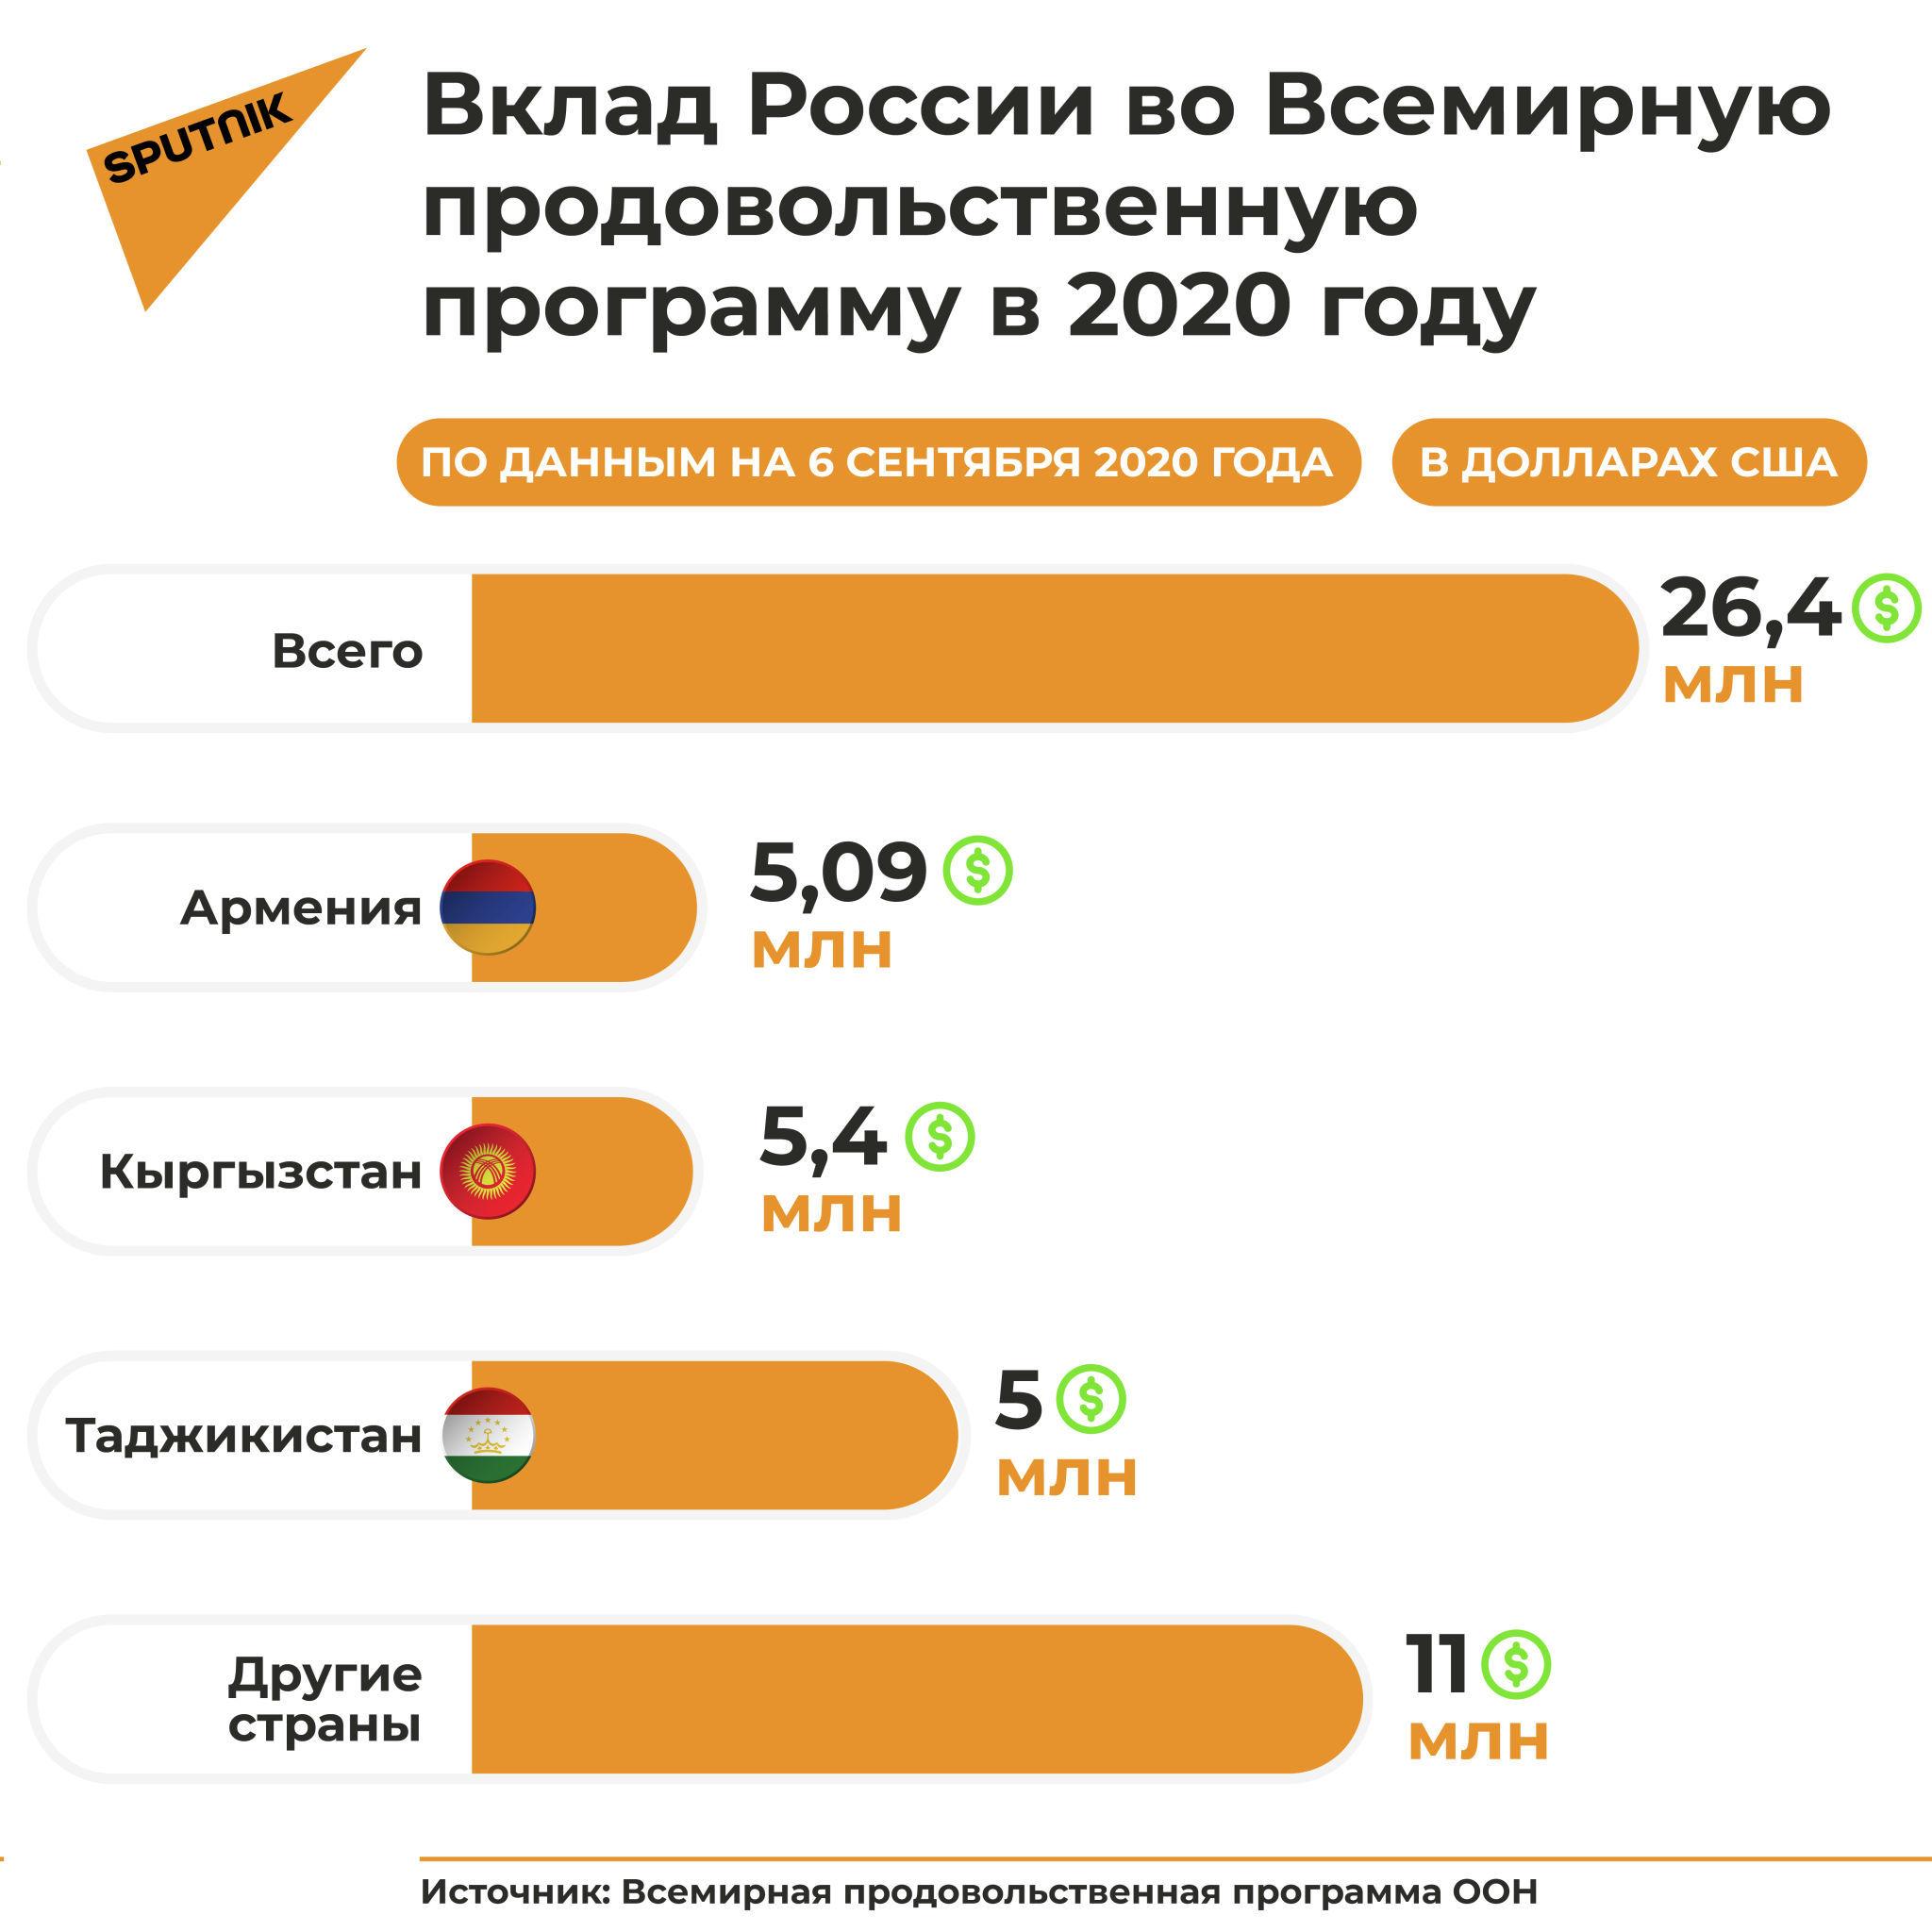 Как Россия помогает школам в соседних странах